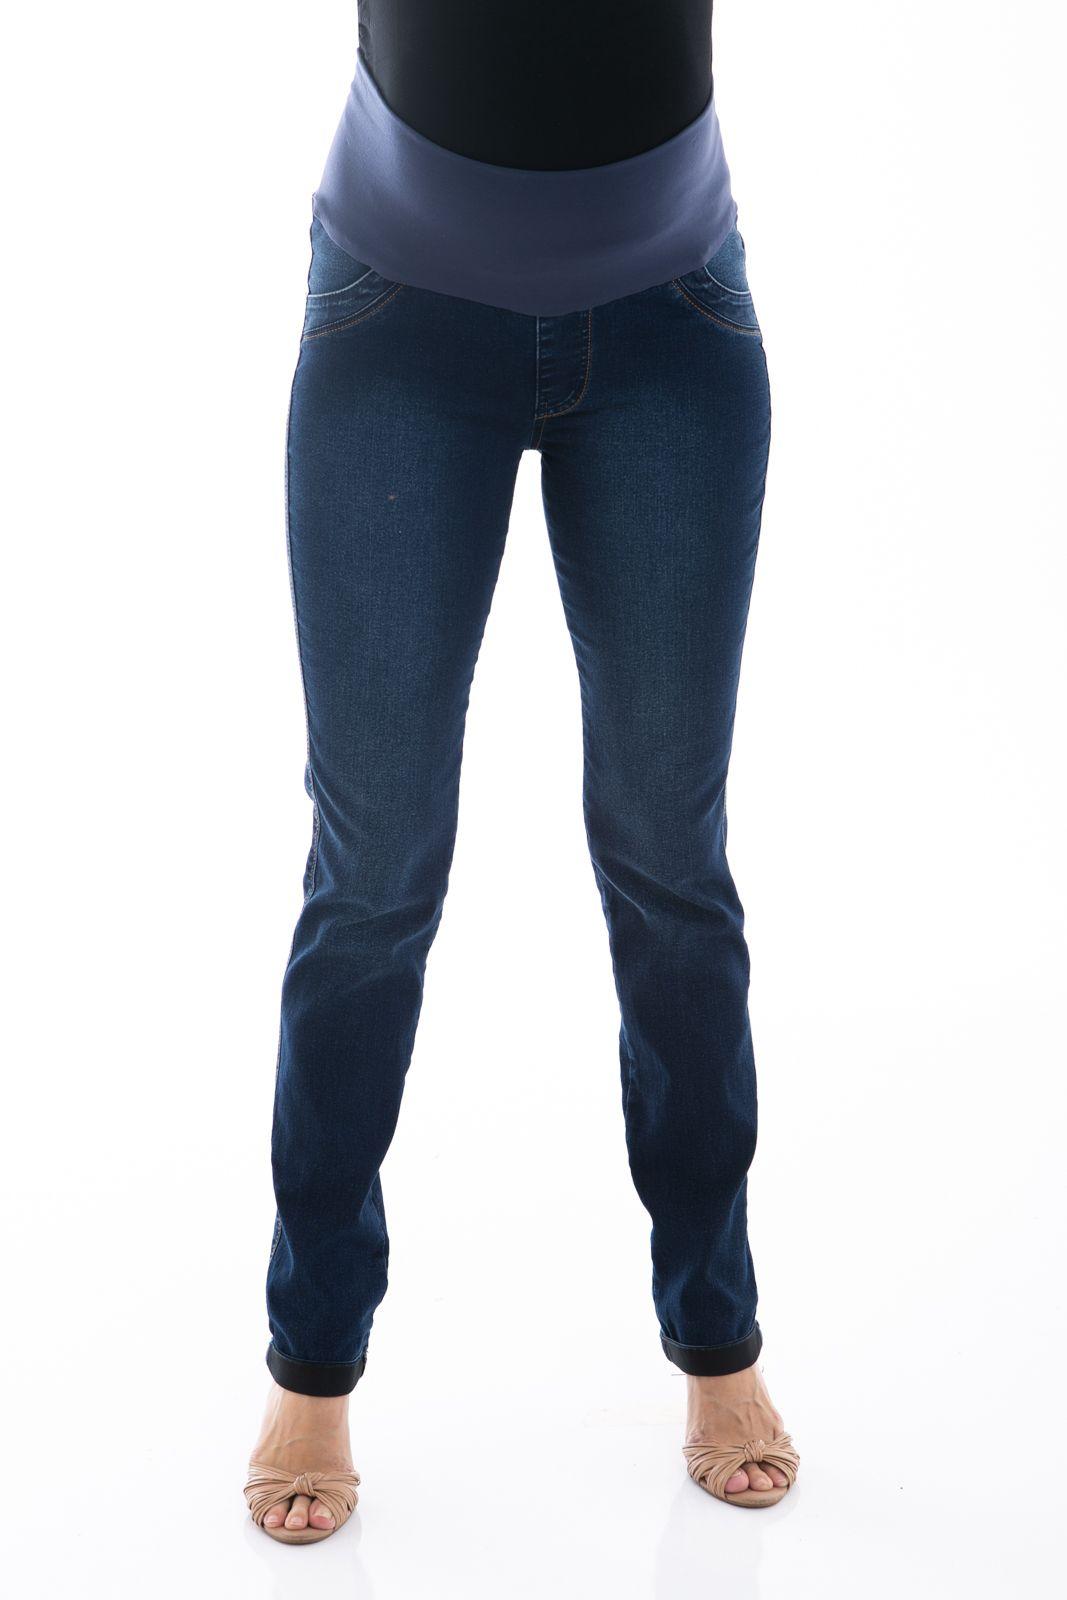 91471001a Calça Jeans Gestante Skinny Laura, com barra virada e cós em suplex que  proporciona conforto e sustentação para a barriga da futura mamãe